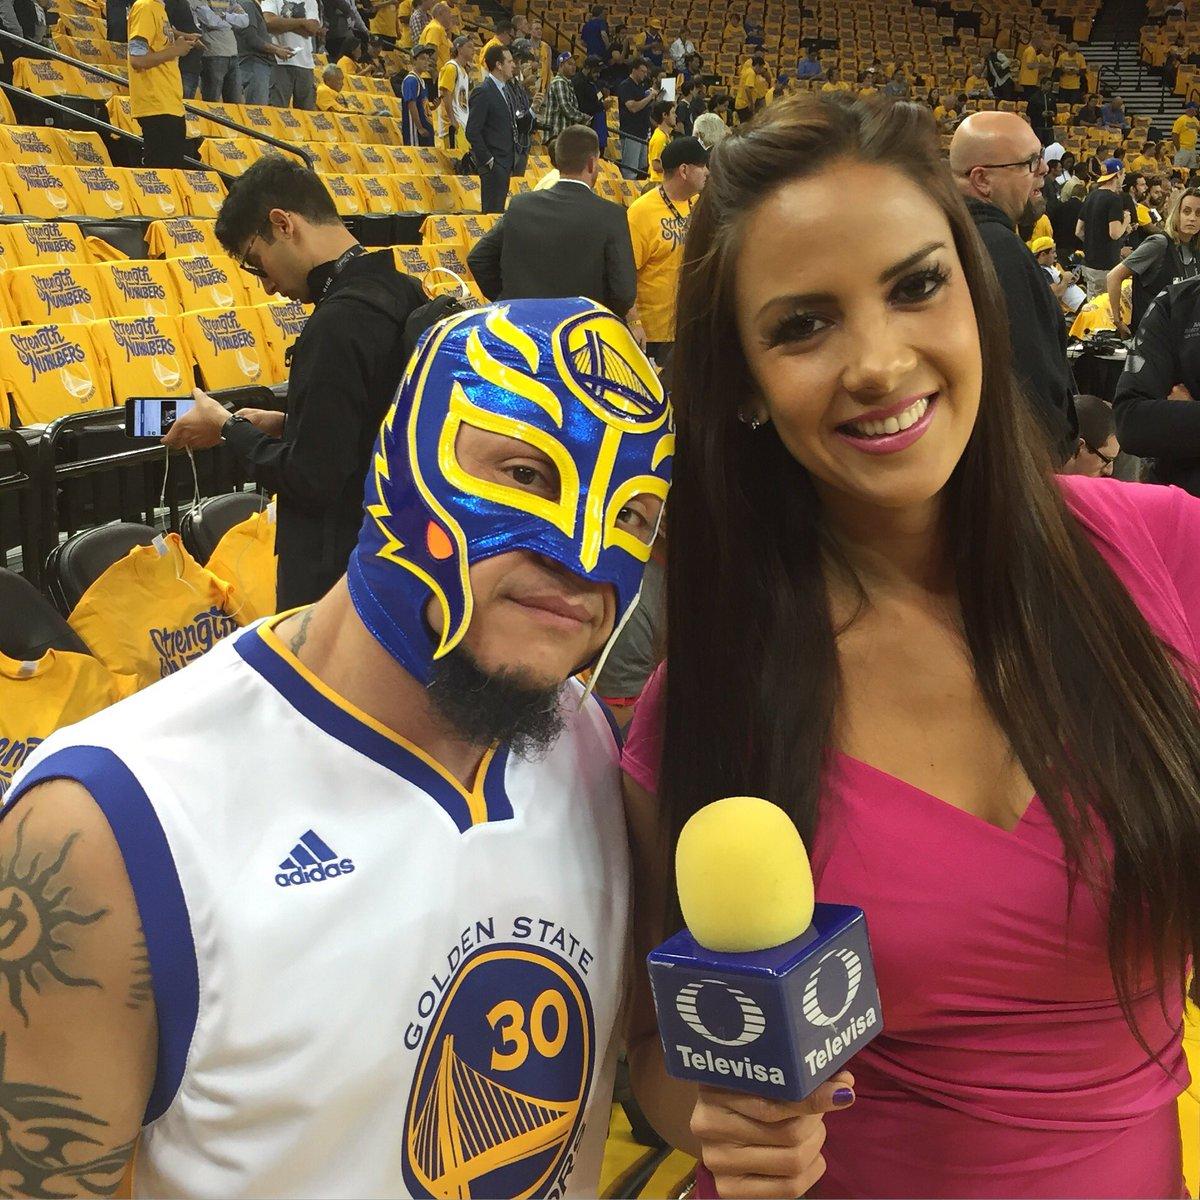 La lucha libre presente con el  Rey Misterio y su máscara personalizada de los @warriors